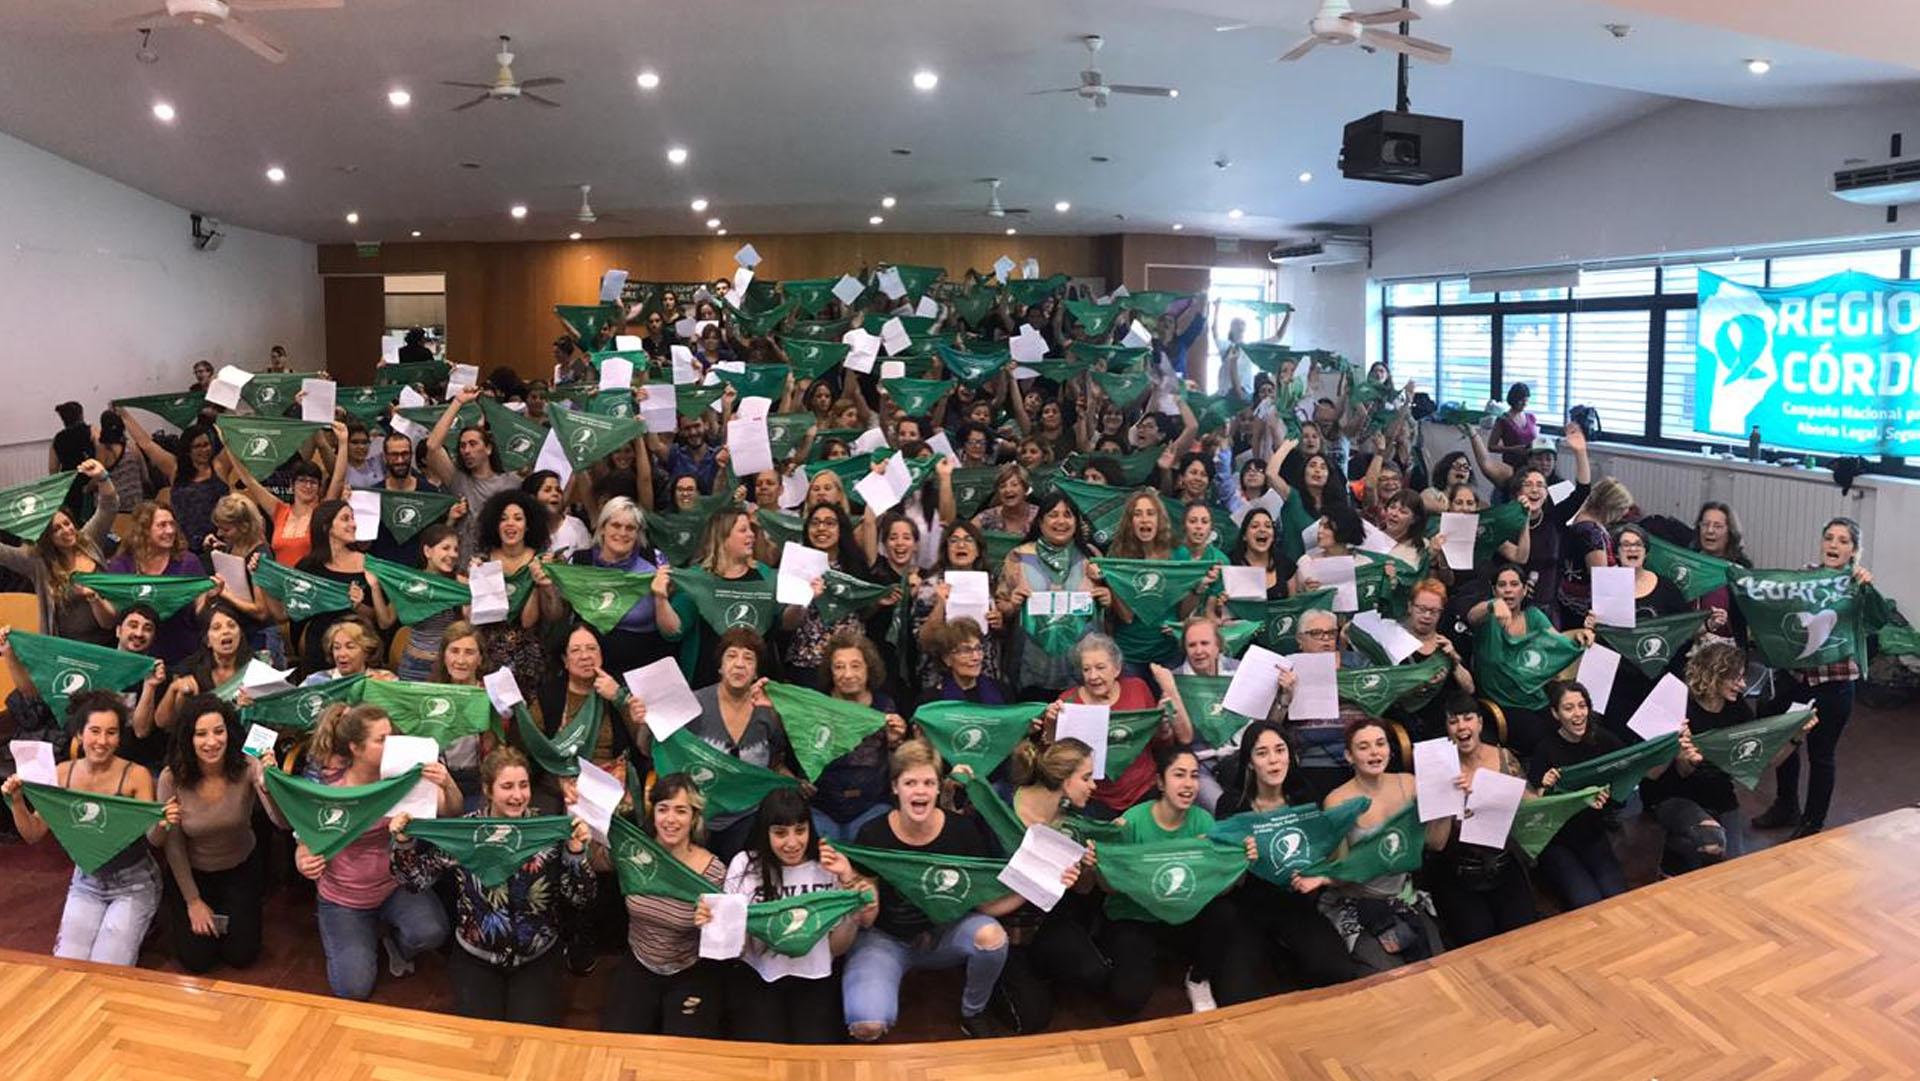 El plenario de la Campaña por el Aborto Legal, Seguro y Gratuito en Córdoba